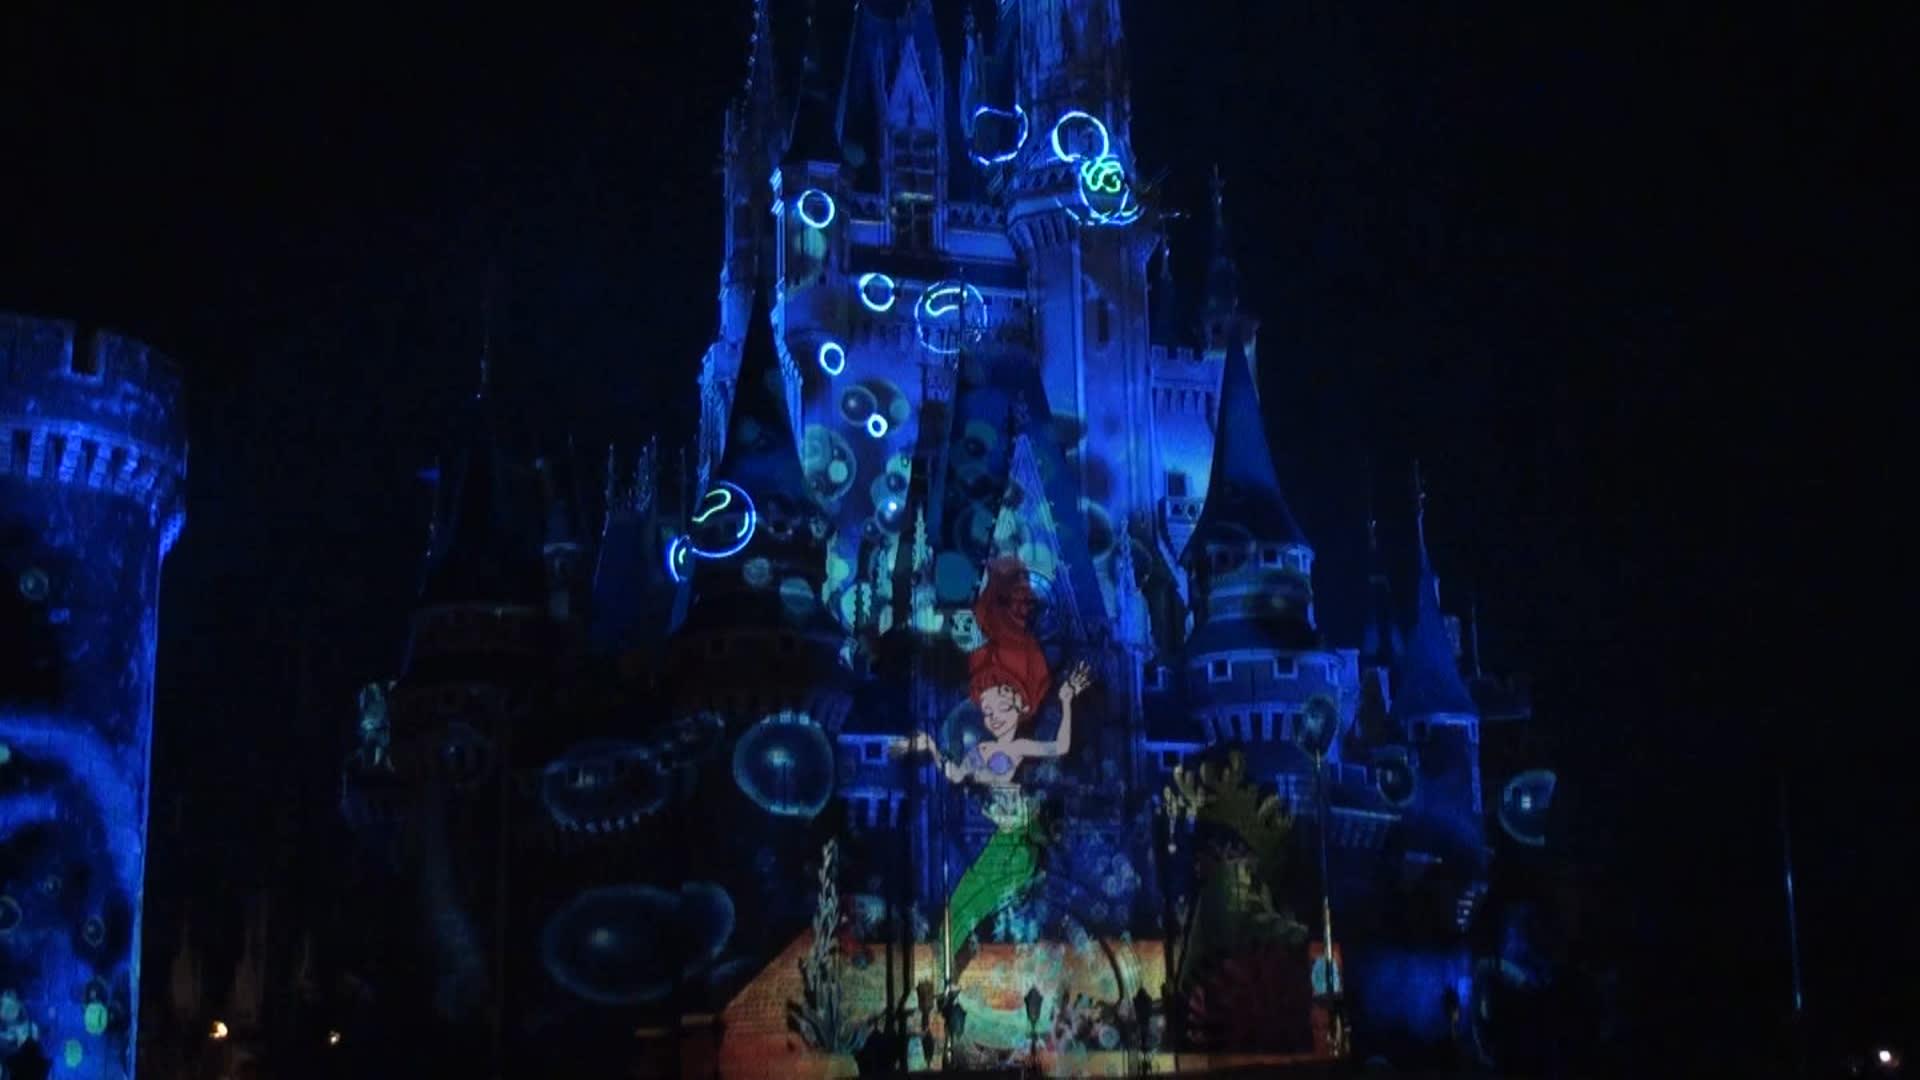 Disney パーク 映画 テレビ のブログ記事一覧 舞蛙堂本舗